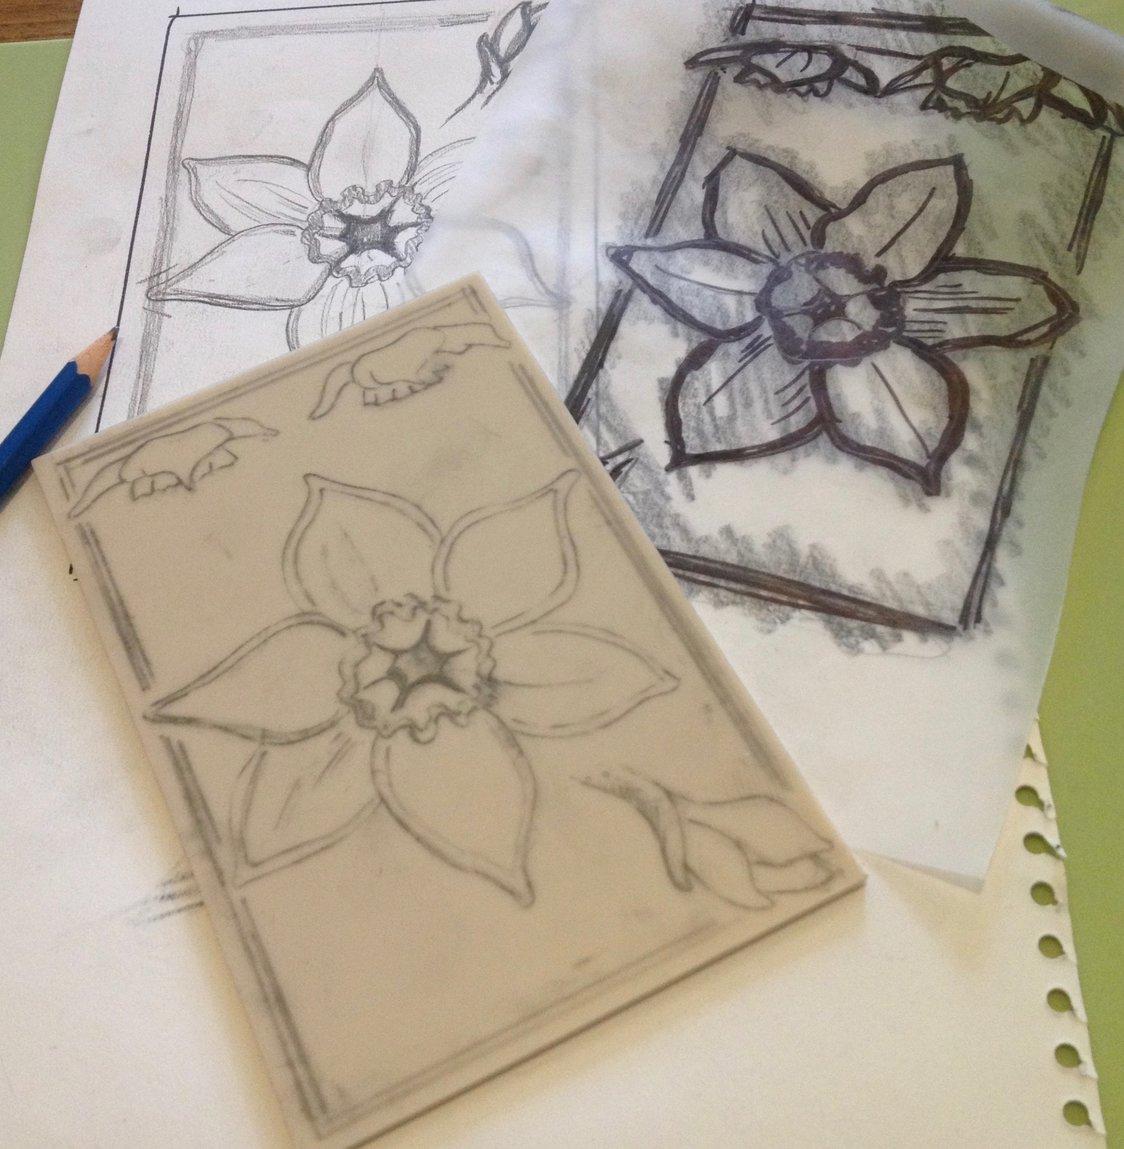 Design transfer to lino